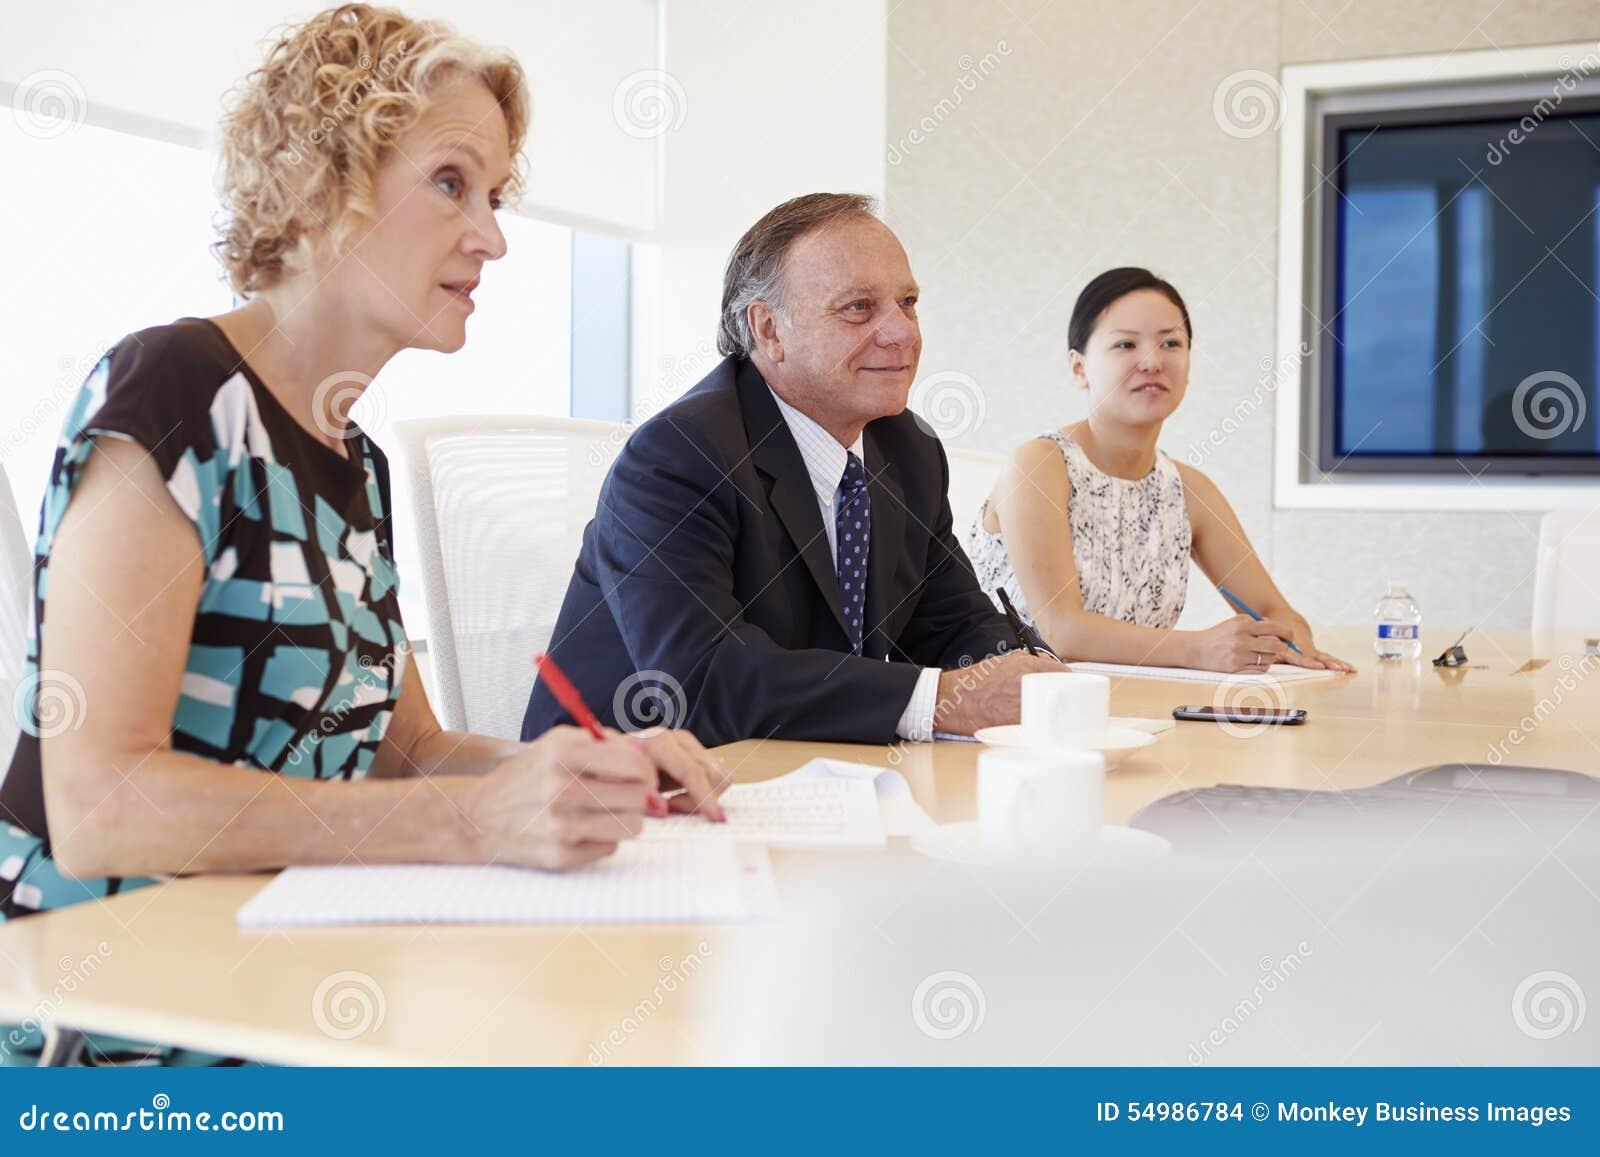 Τρία Businesspeople που διοργανώνουν τη συνεδρίαση στην αίθουσα συνεδριάσεων